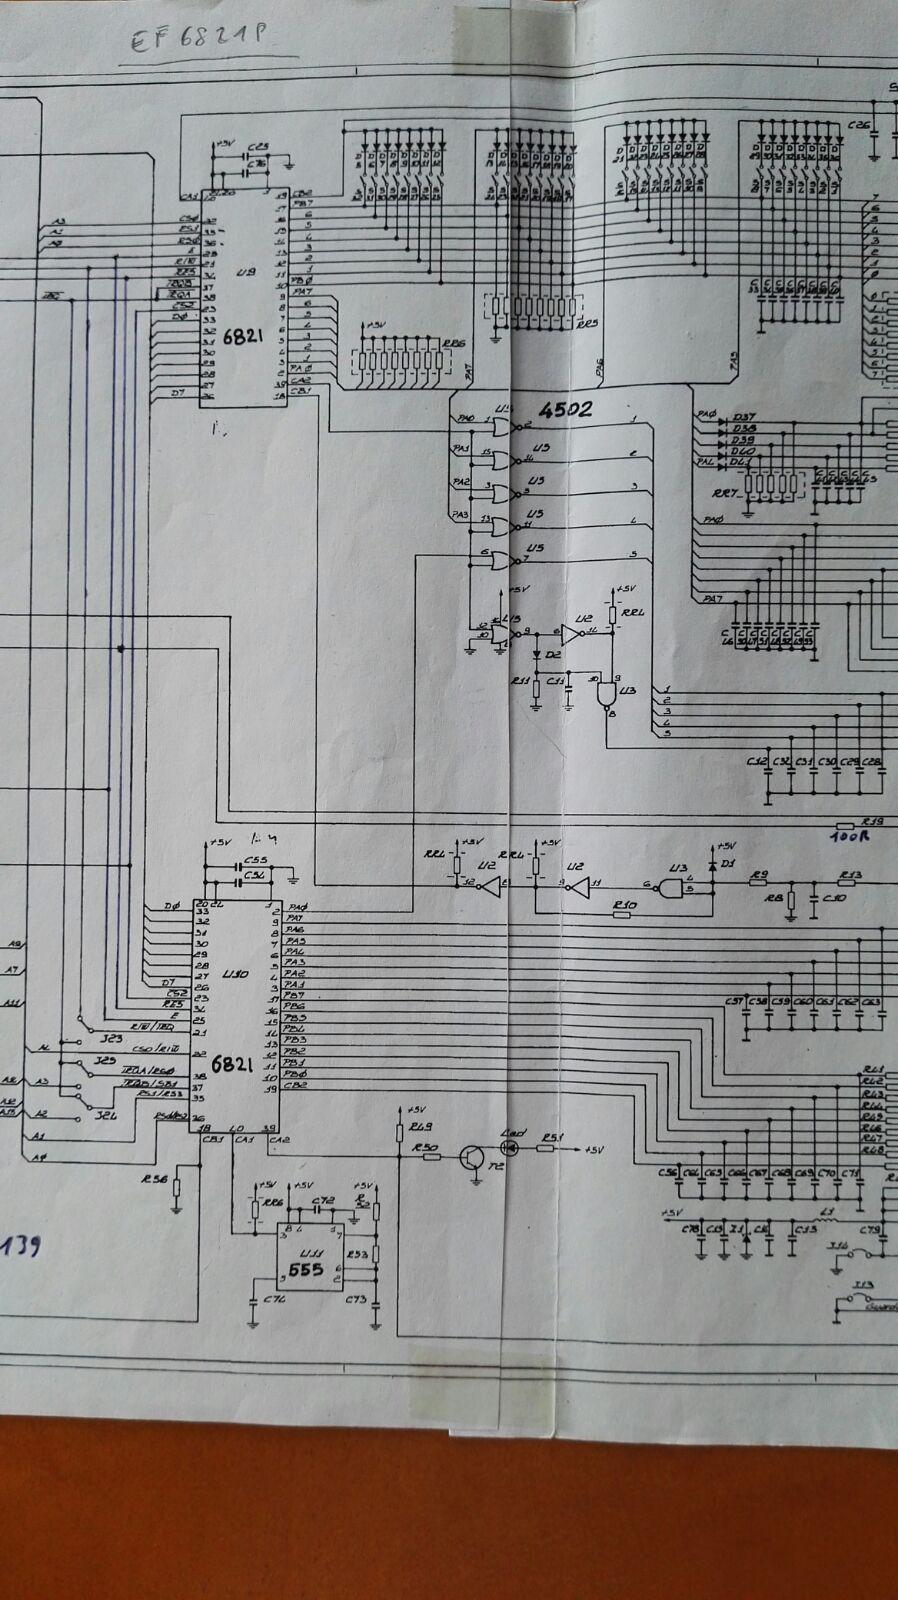 Schema Elettrico Per Lampeggio Led : Come far lampeggiare led senza nessun microcontrollore usando